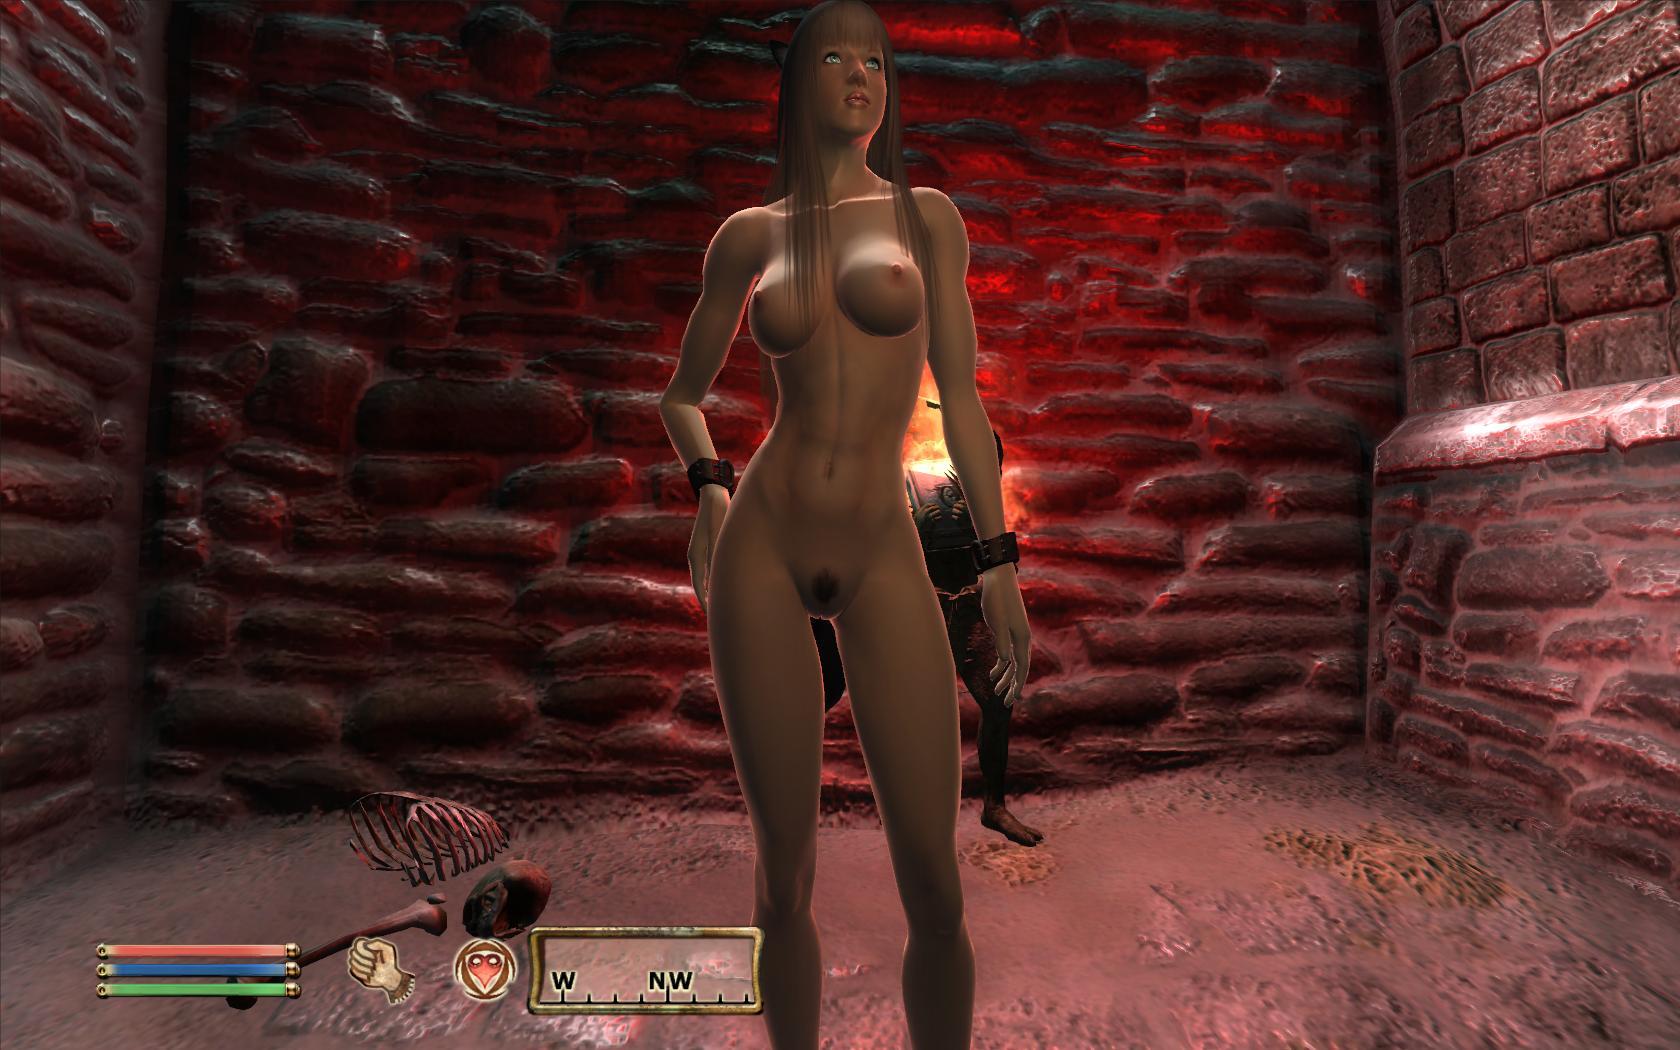 Oblivion Nude Mod Pis Adult Photo